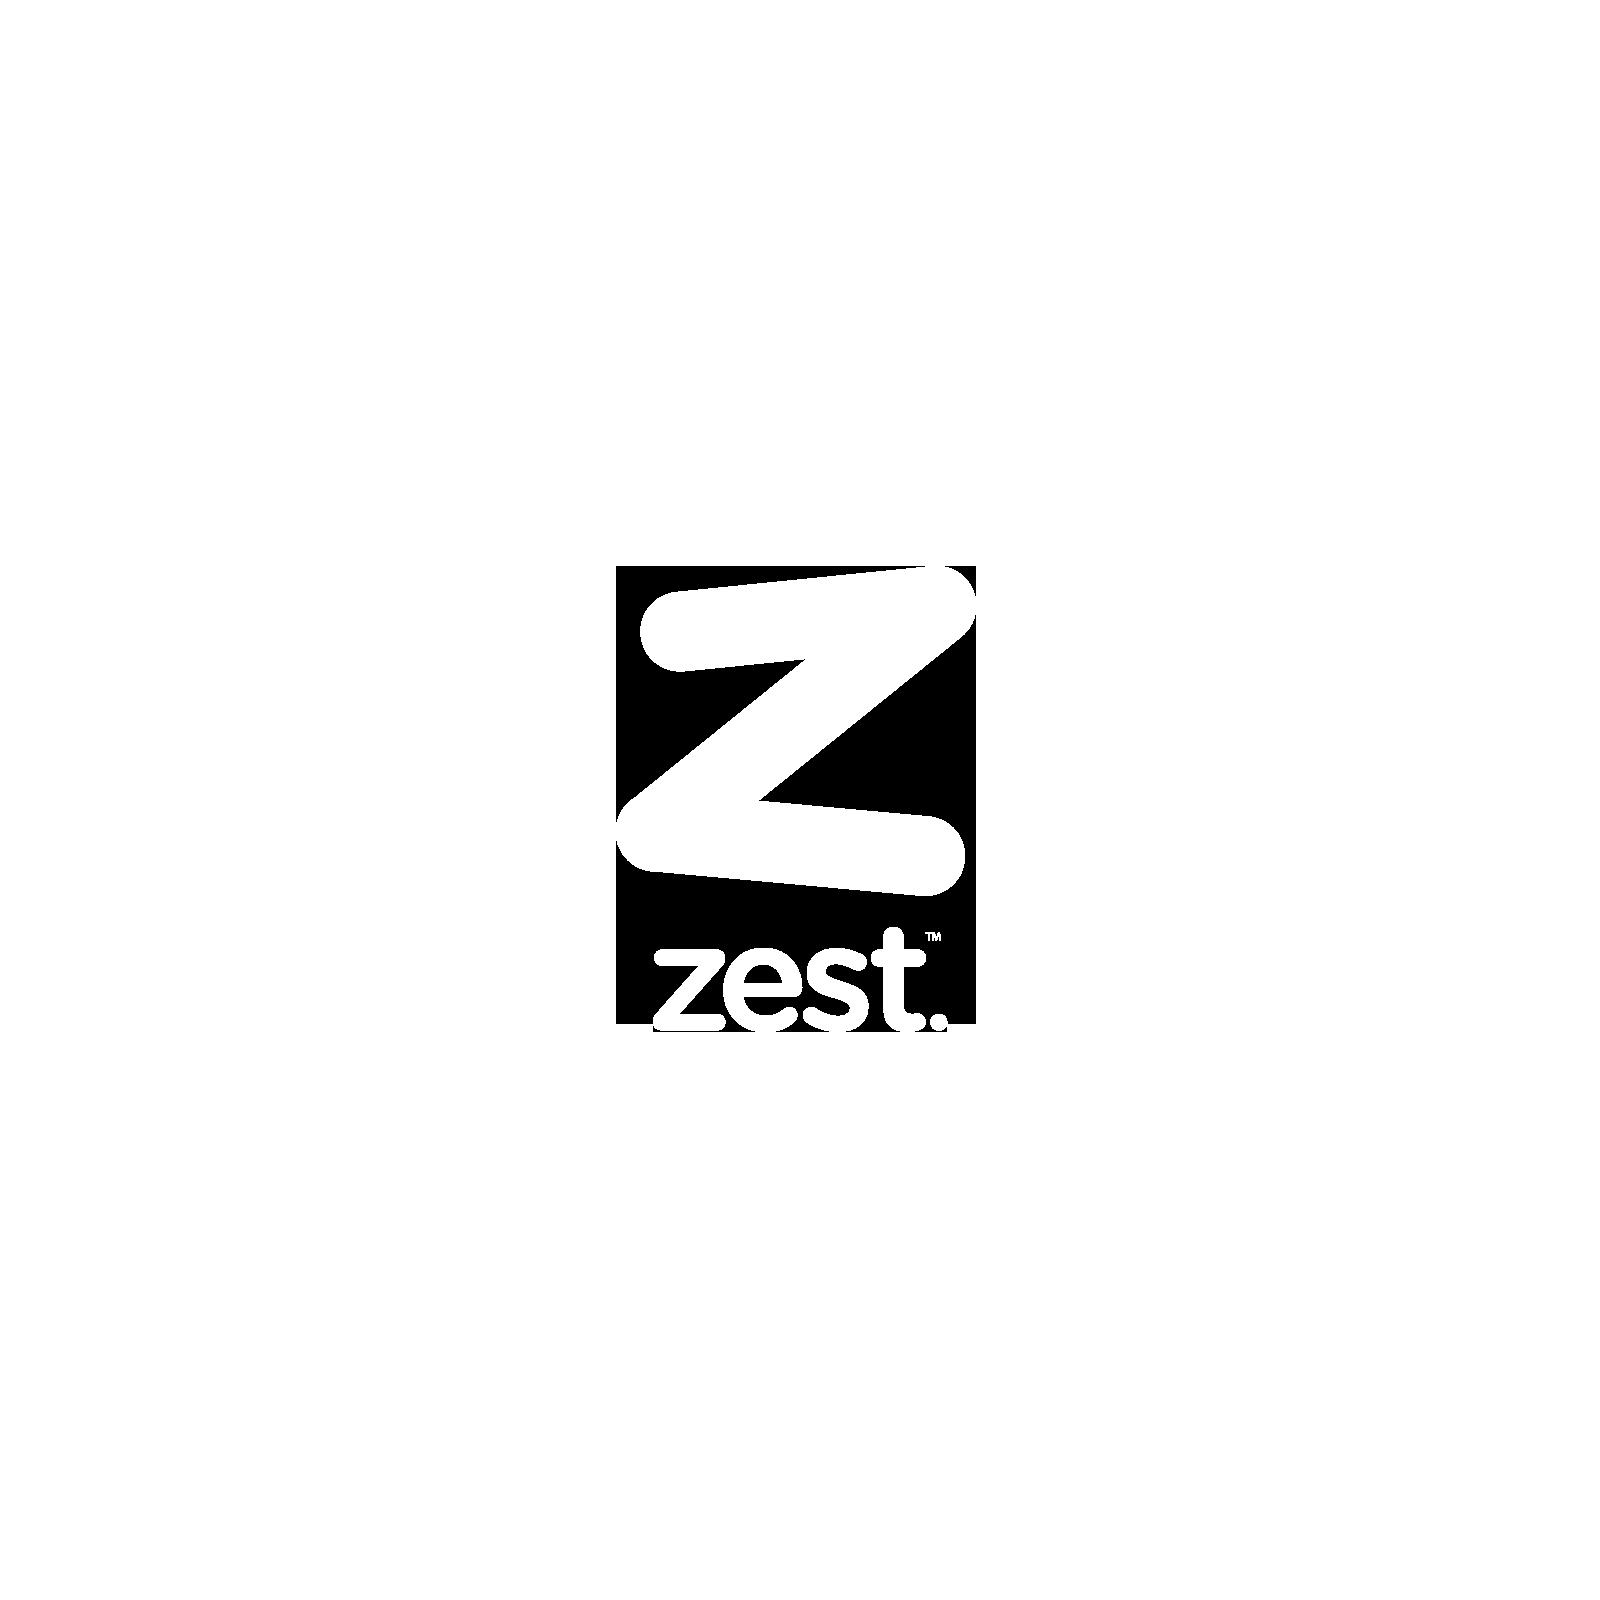 zest-project-logo